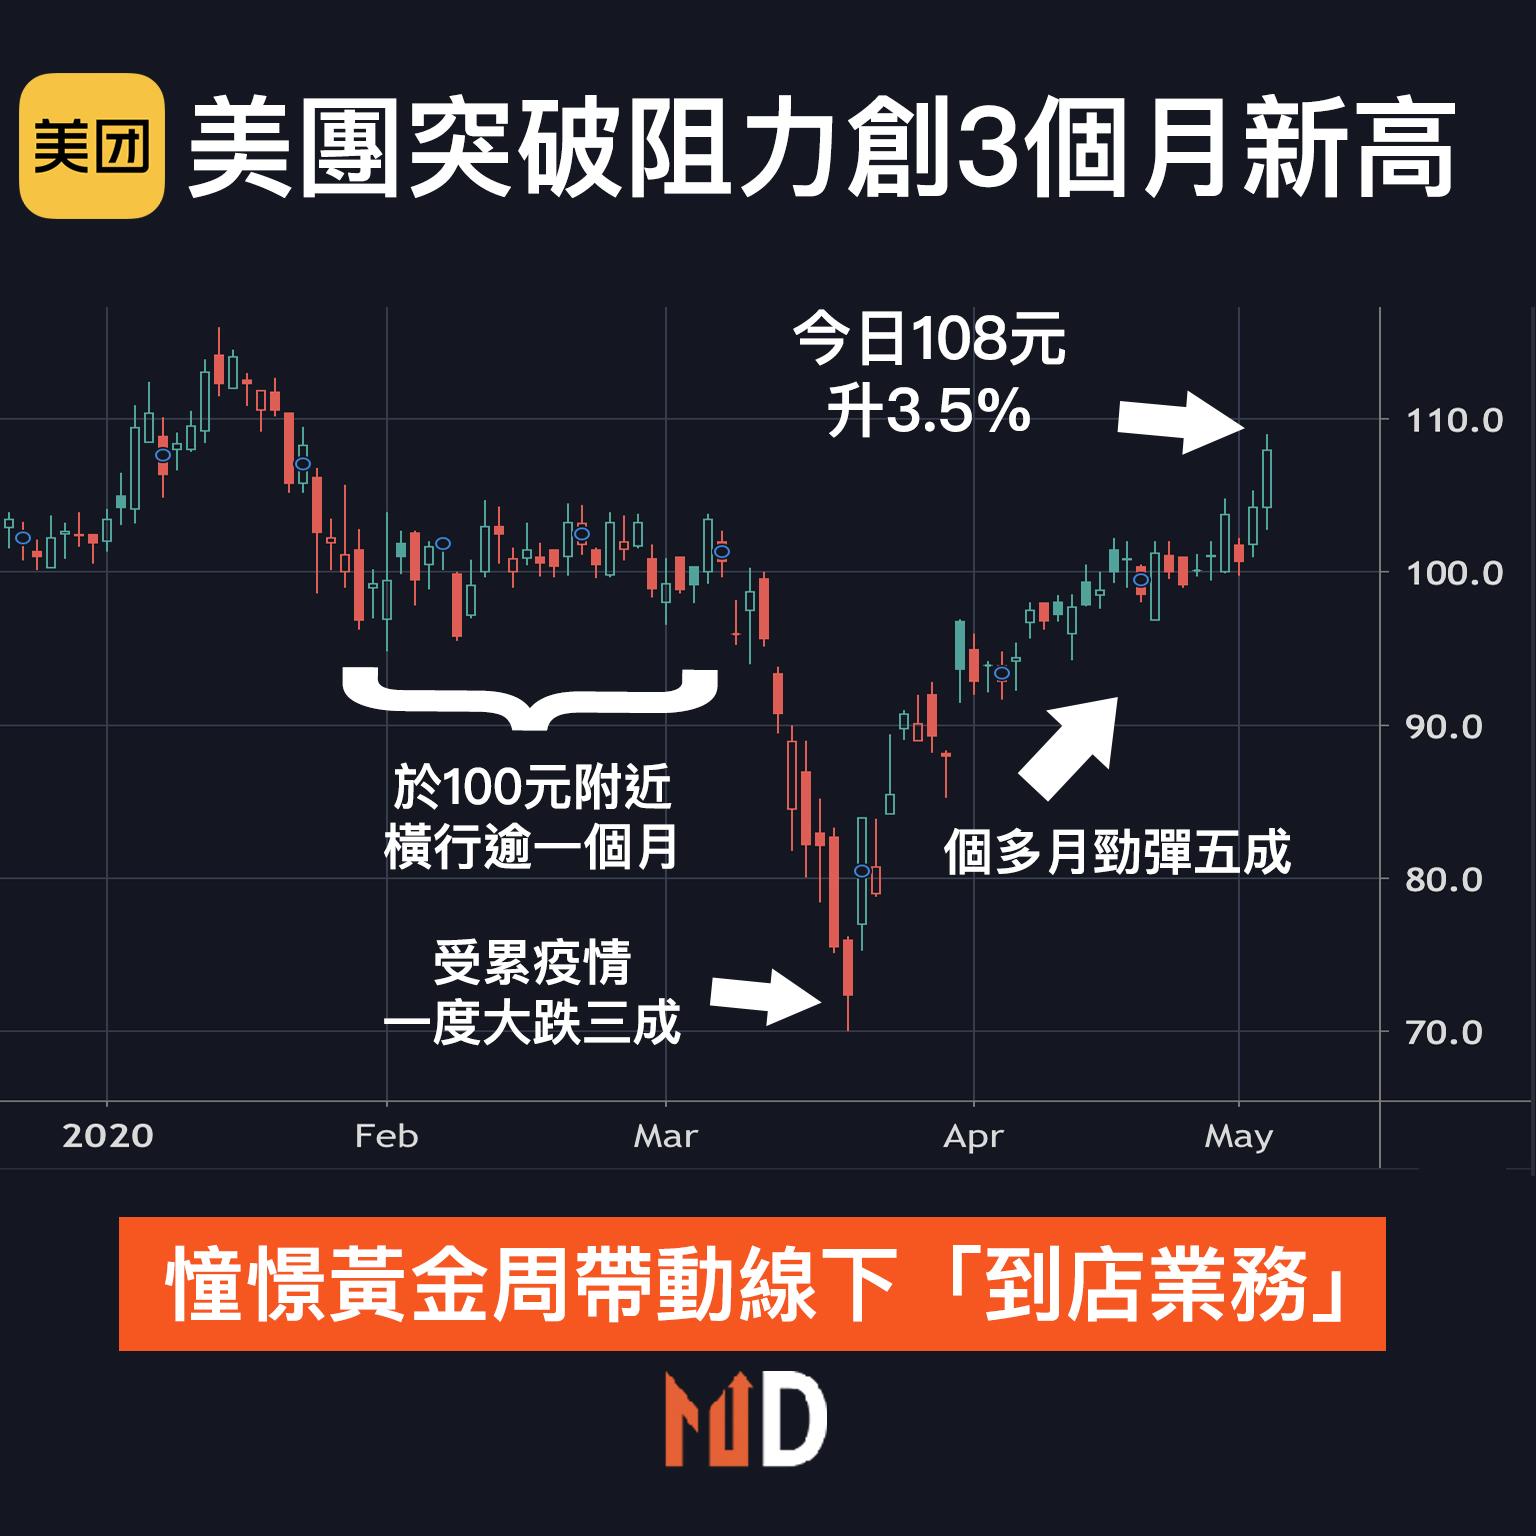 【#秒懂股市】憧憬黃金周帶動美團線下「到店業務」,股價升3.5%創3個月新高